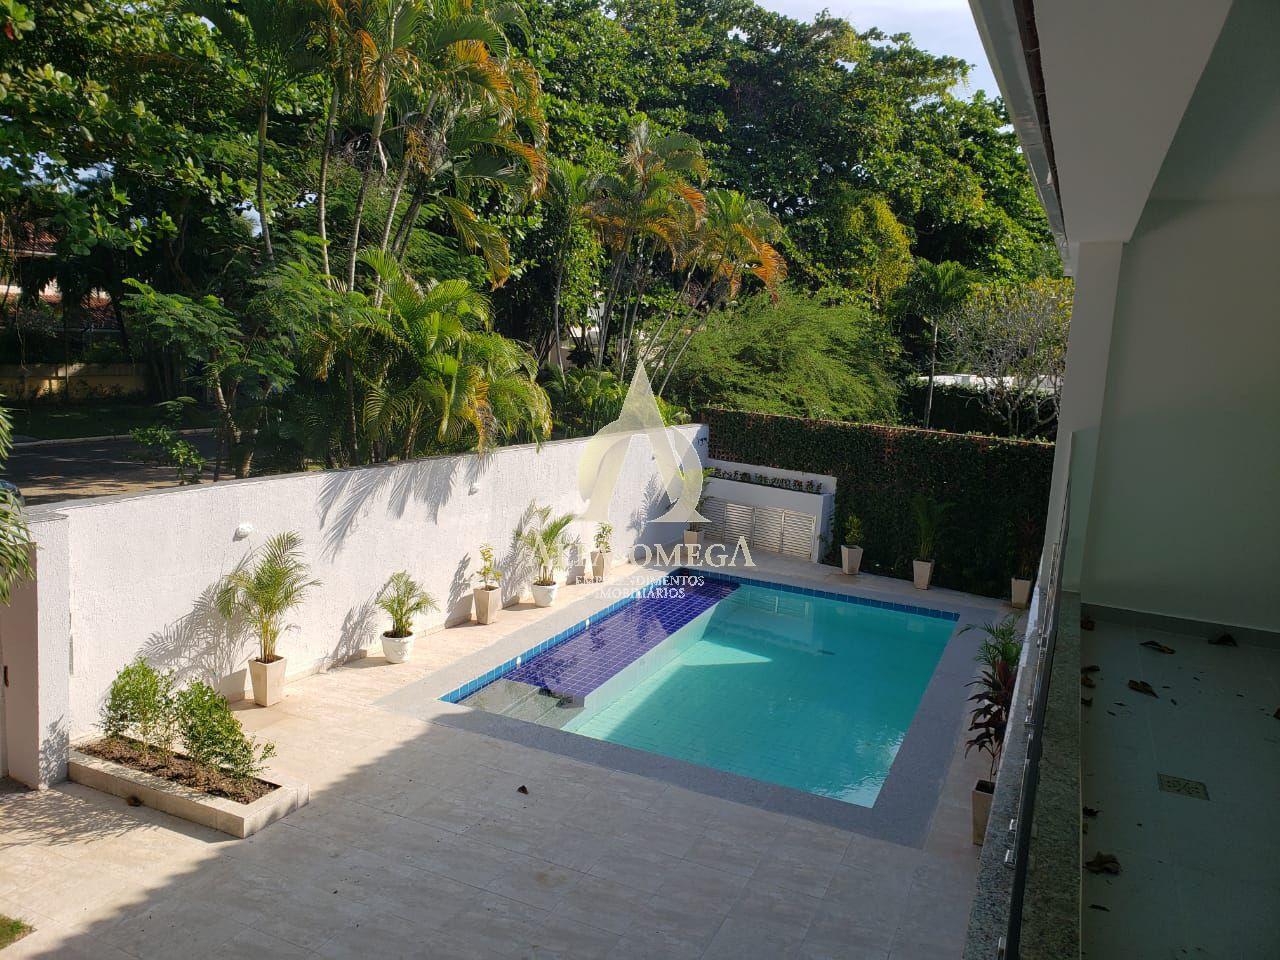 FOTO 19 - Casa 5 quartos à venda Barra da Tijuca, Rio de Janeiro - R$ 4.500.000 - AOJC60115 - 20